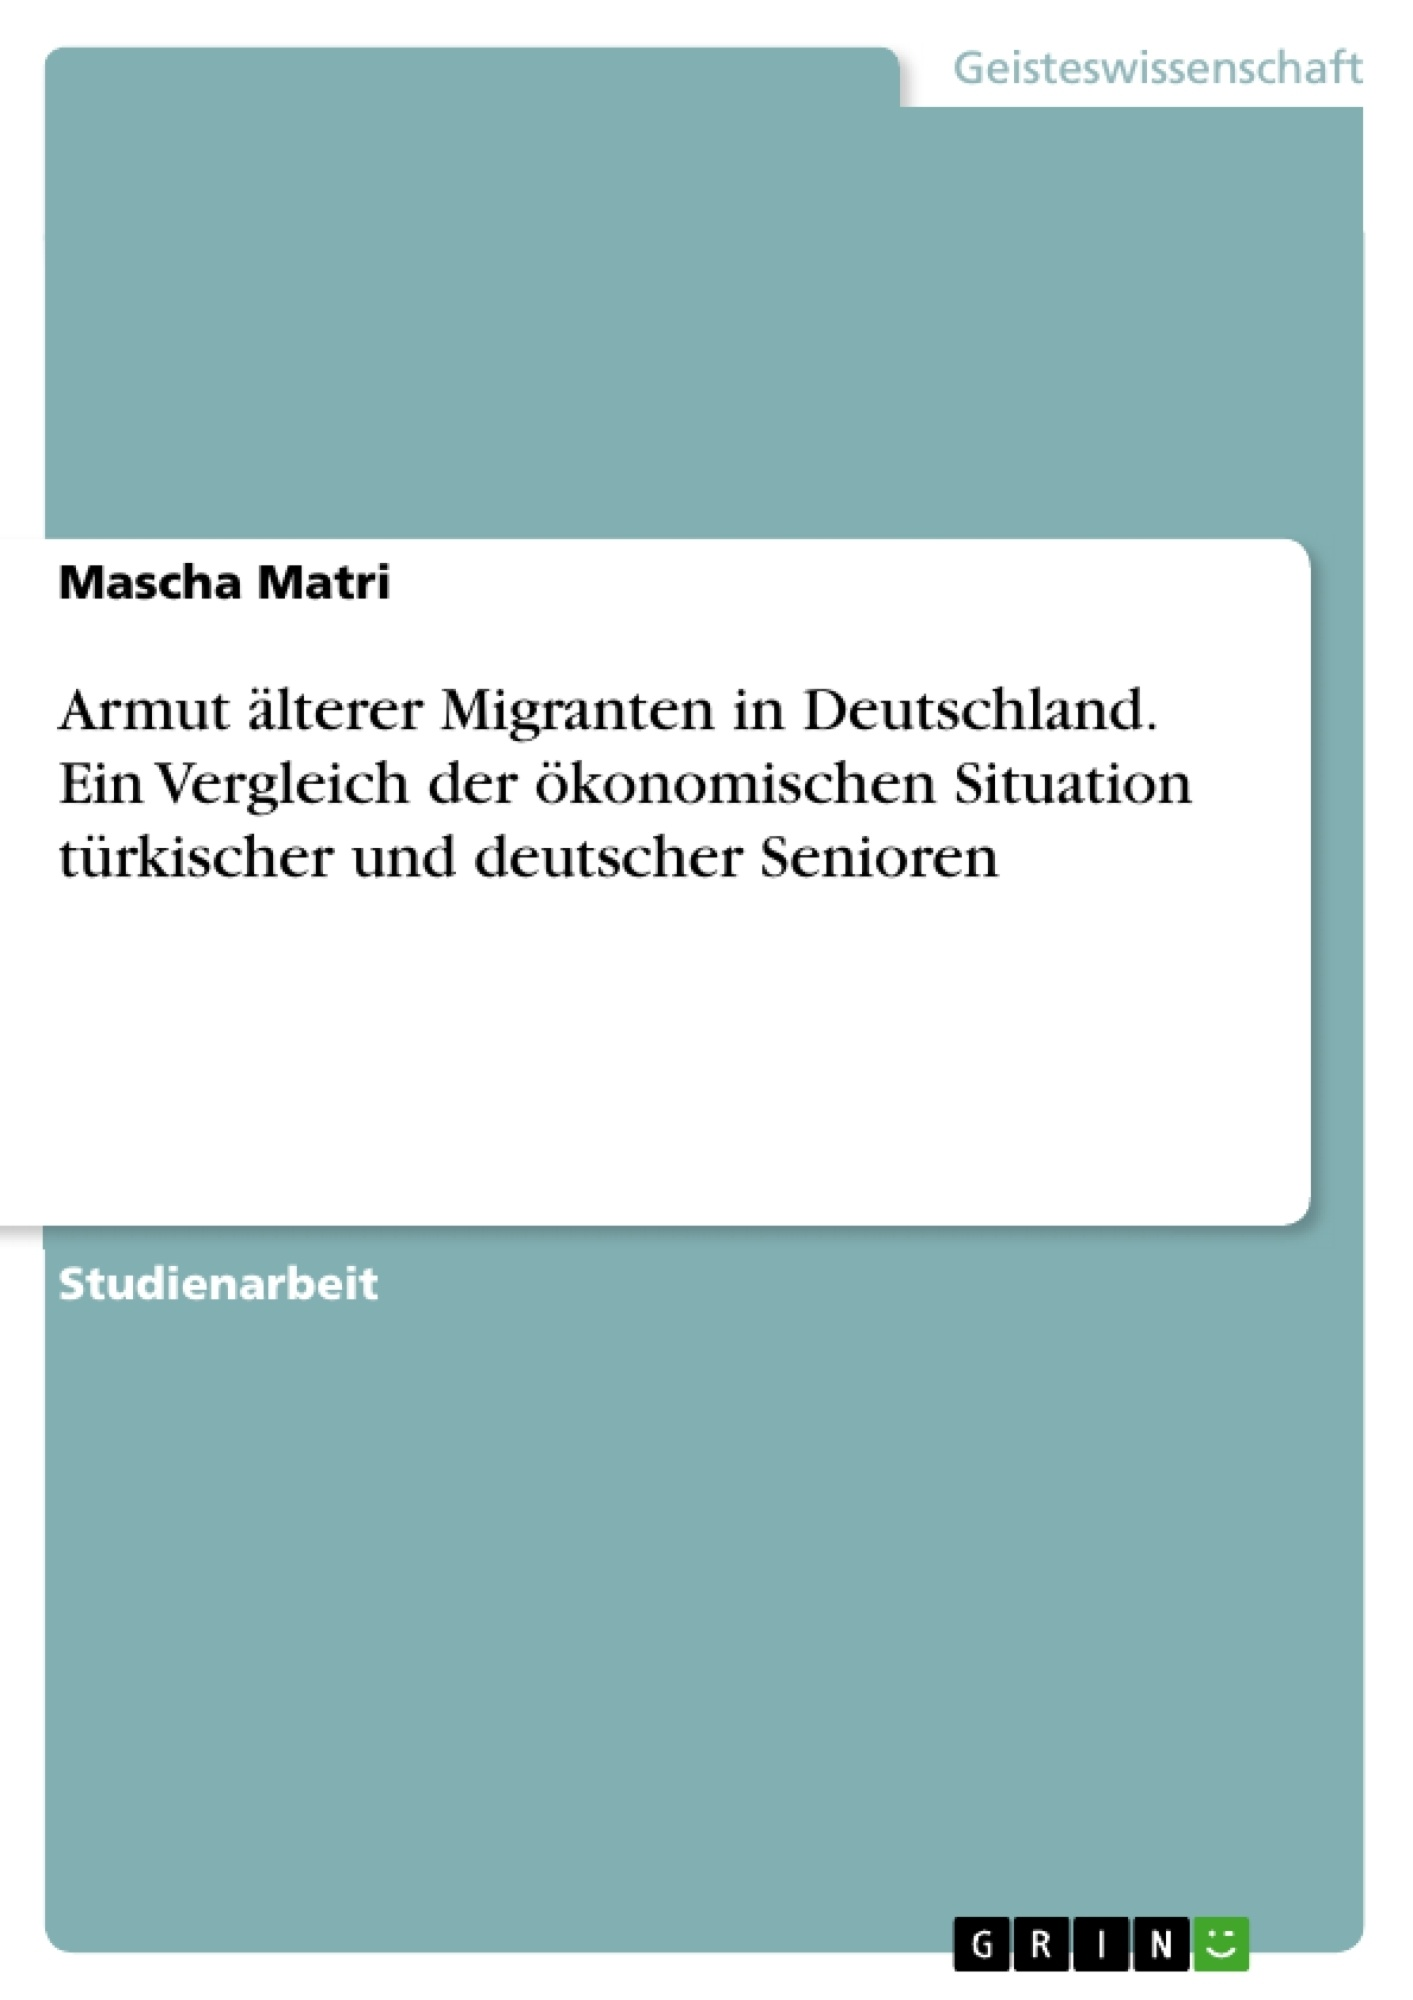 Titel: Armut älterer Migranten in Deutschland. Ein Vergleich der ökonomischen Situation türkischer und deutscher Senioren